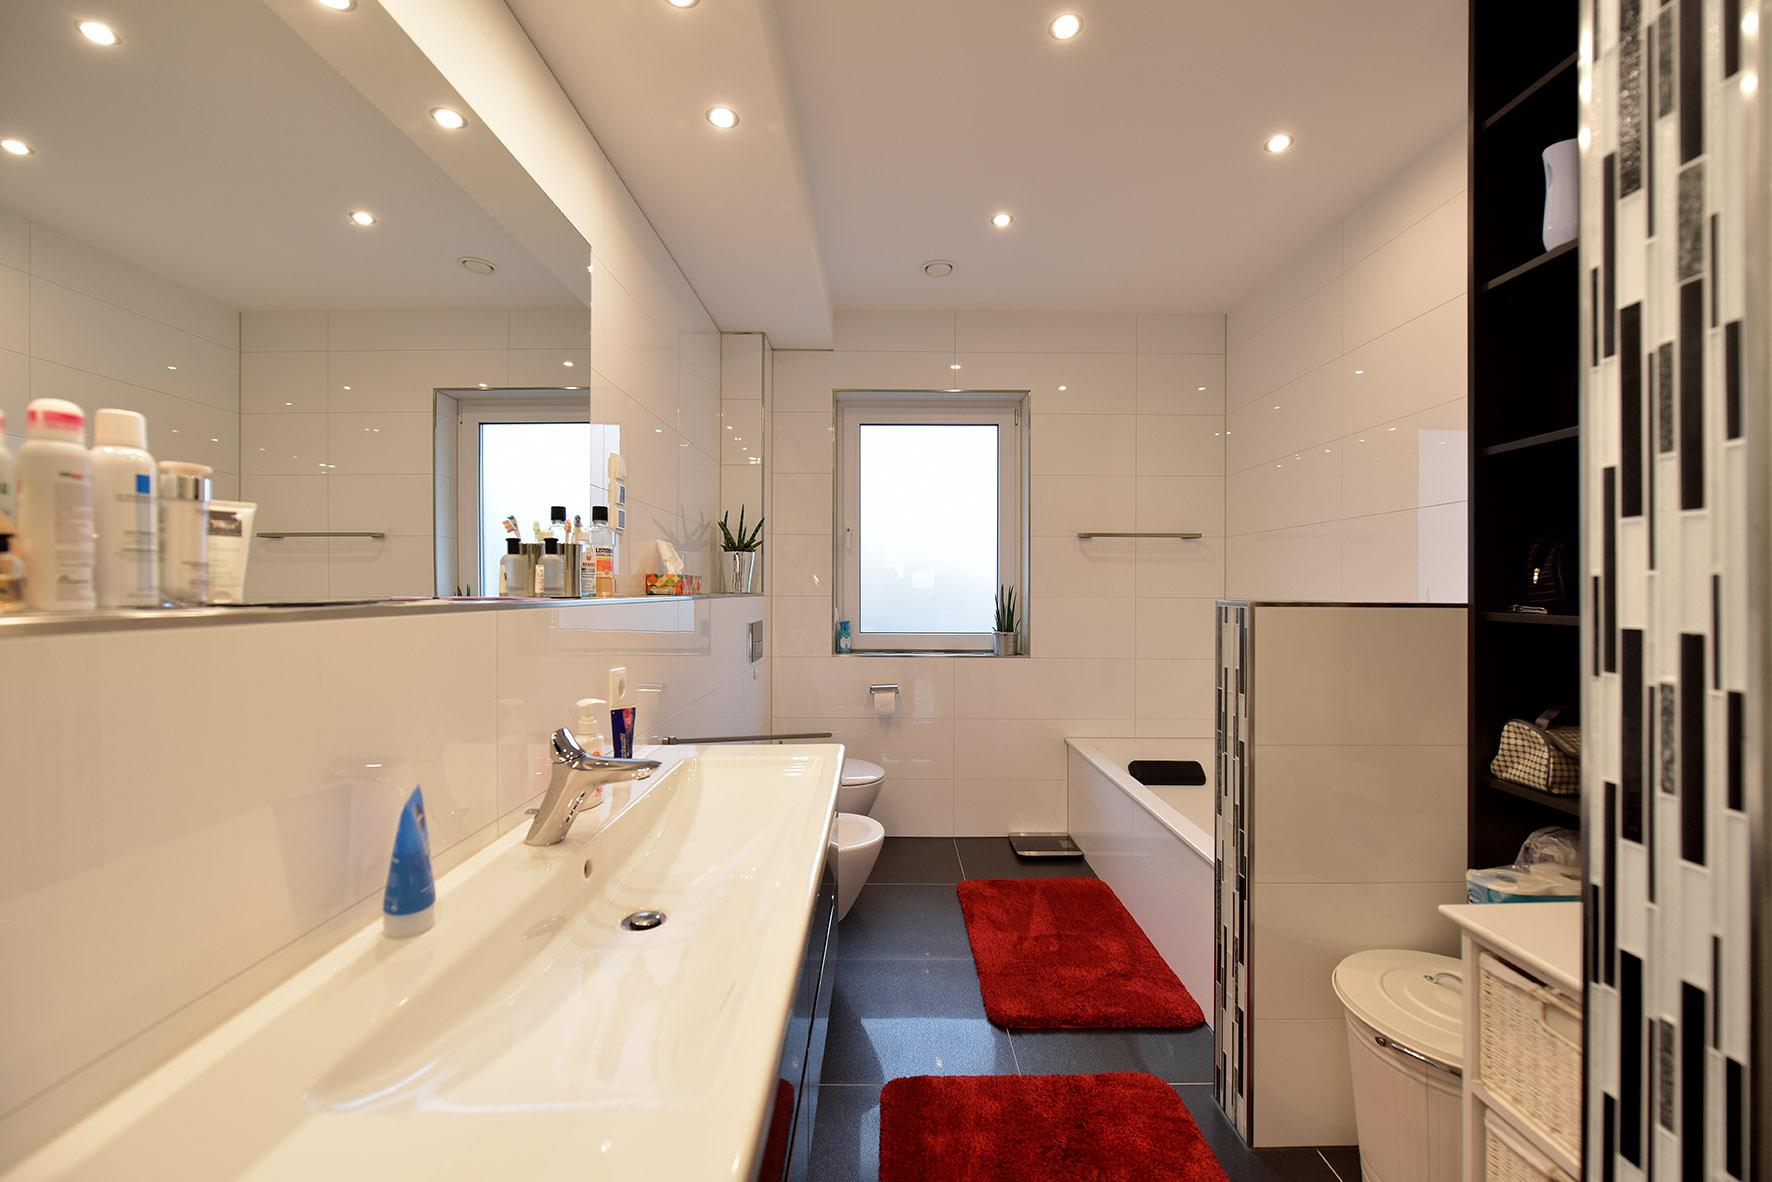 Bad mit Einbauspots Trockenbauabkofferung + Schamwand zur Badewanne.jpg